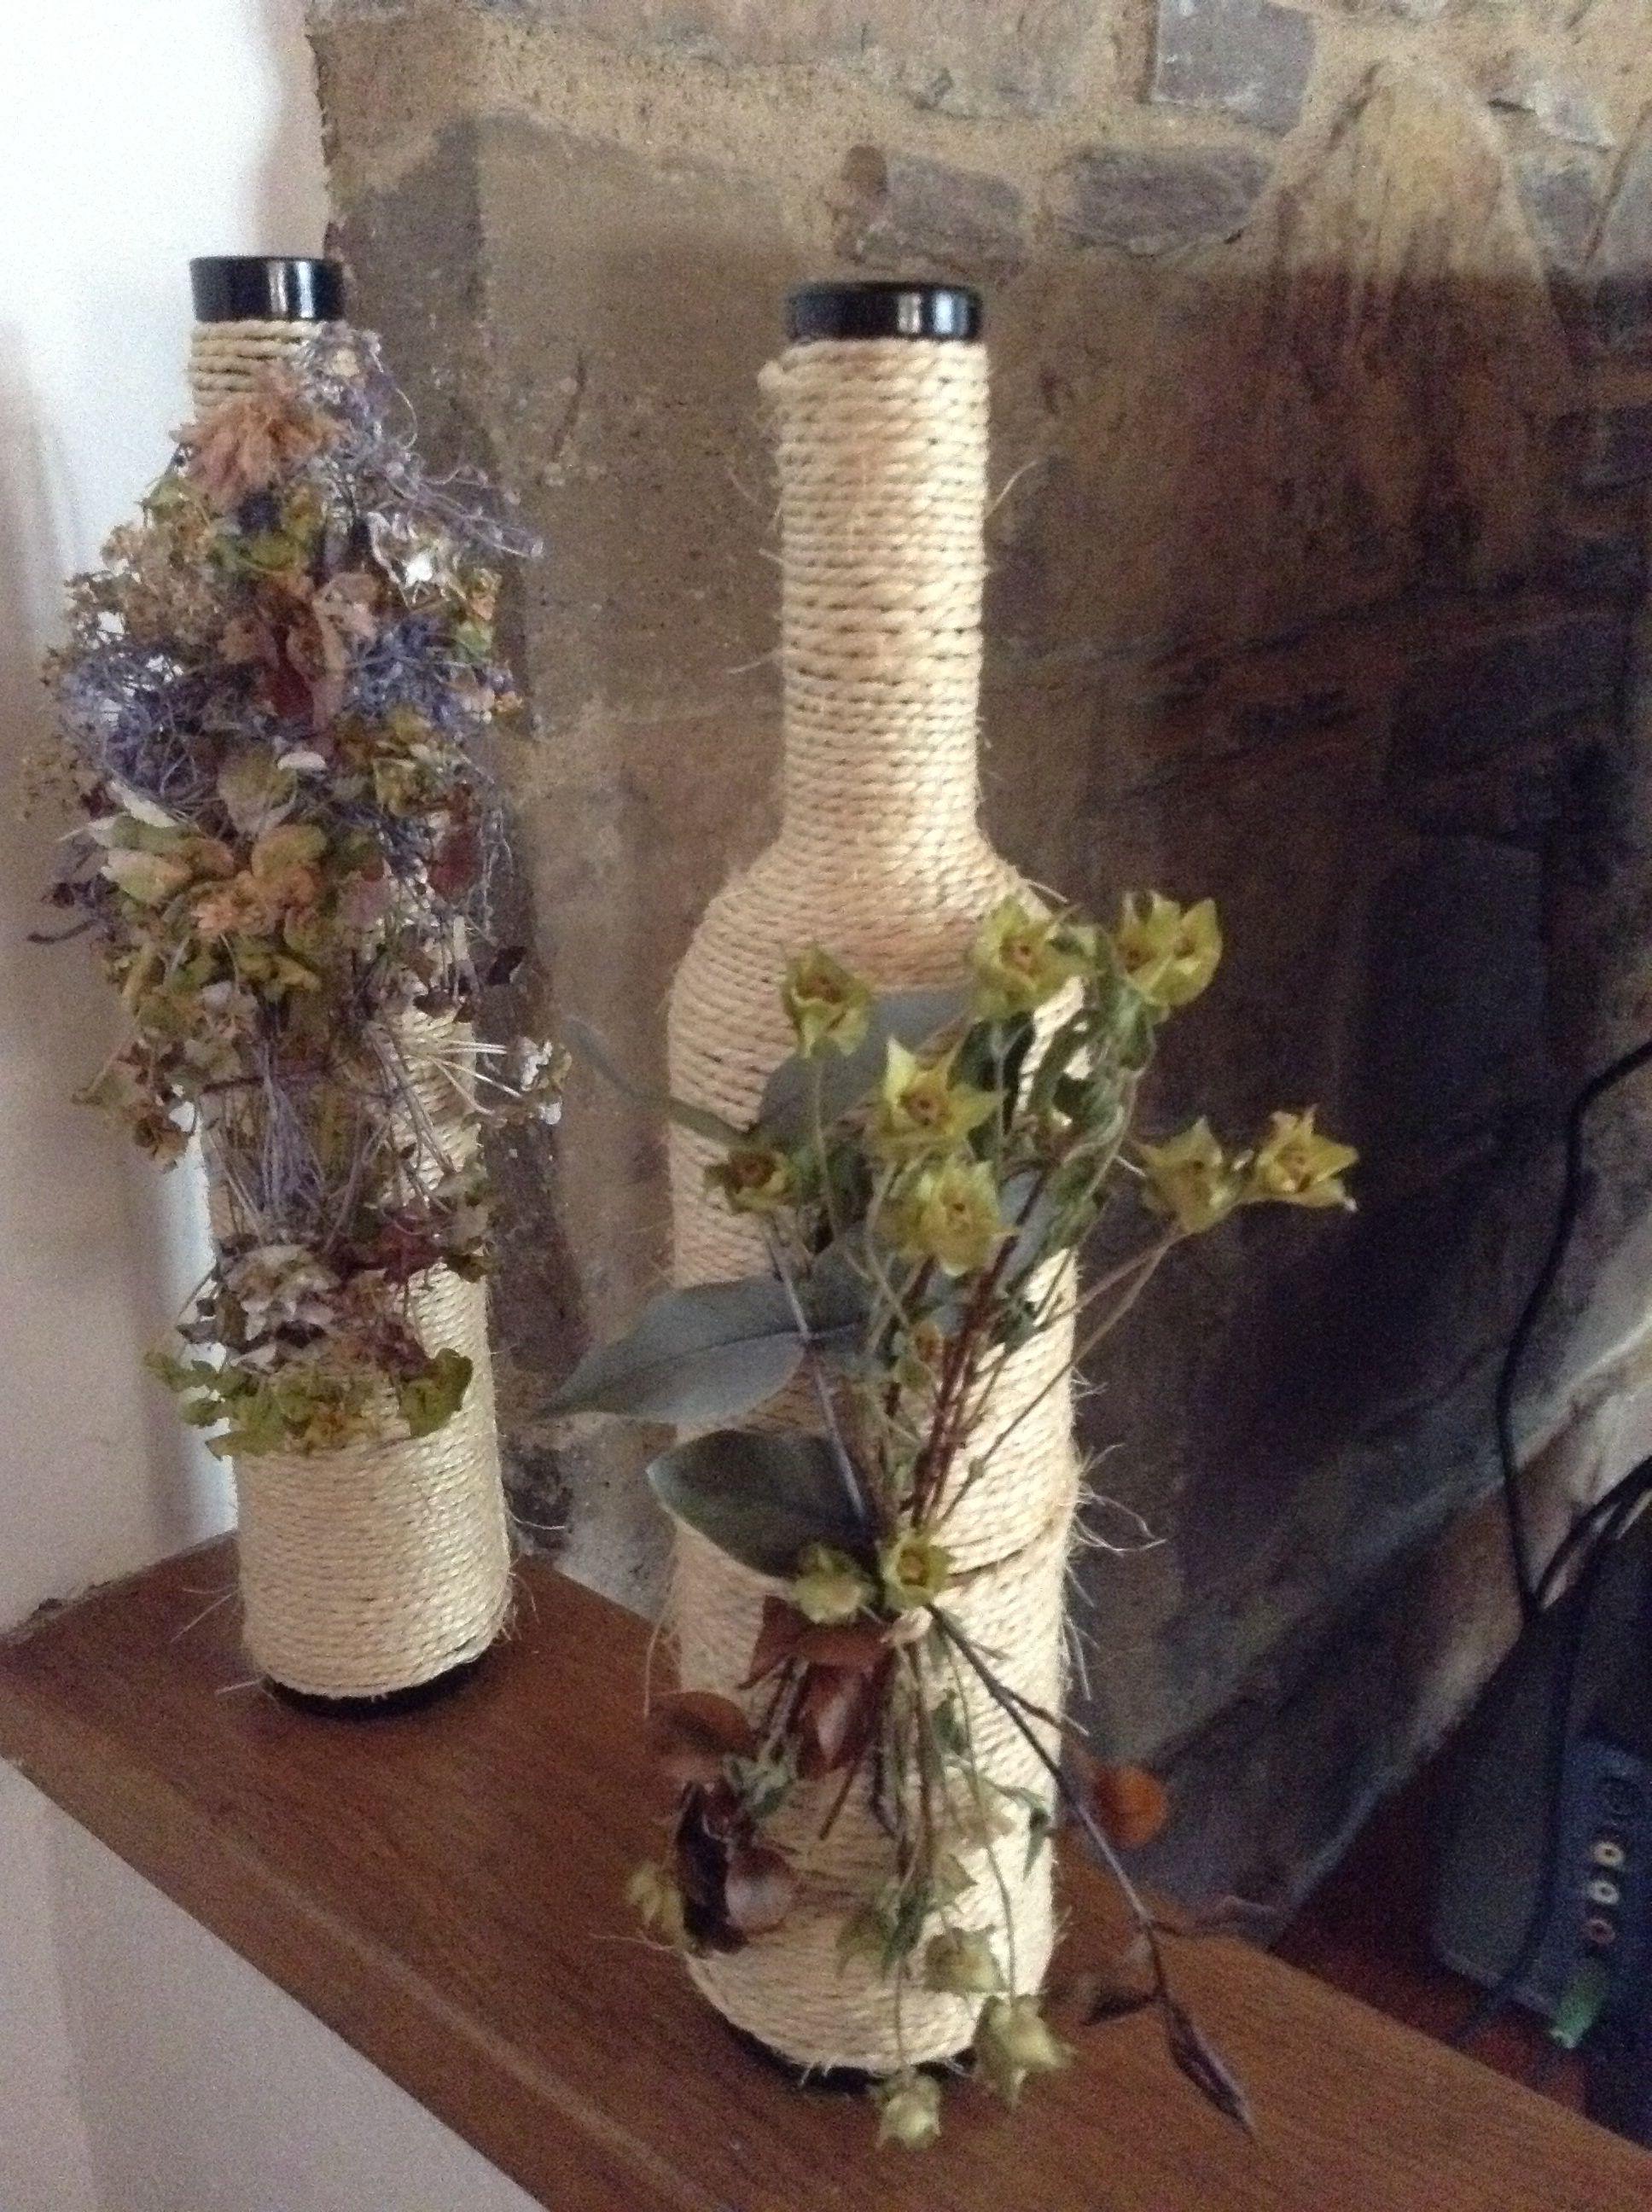 Botellas de vino con cuerda y flores secas botellas y - Plantas artificiales para decorar ...